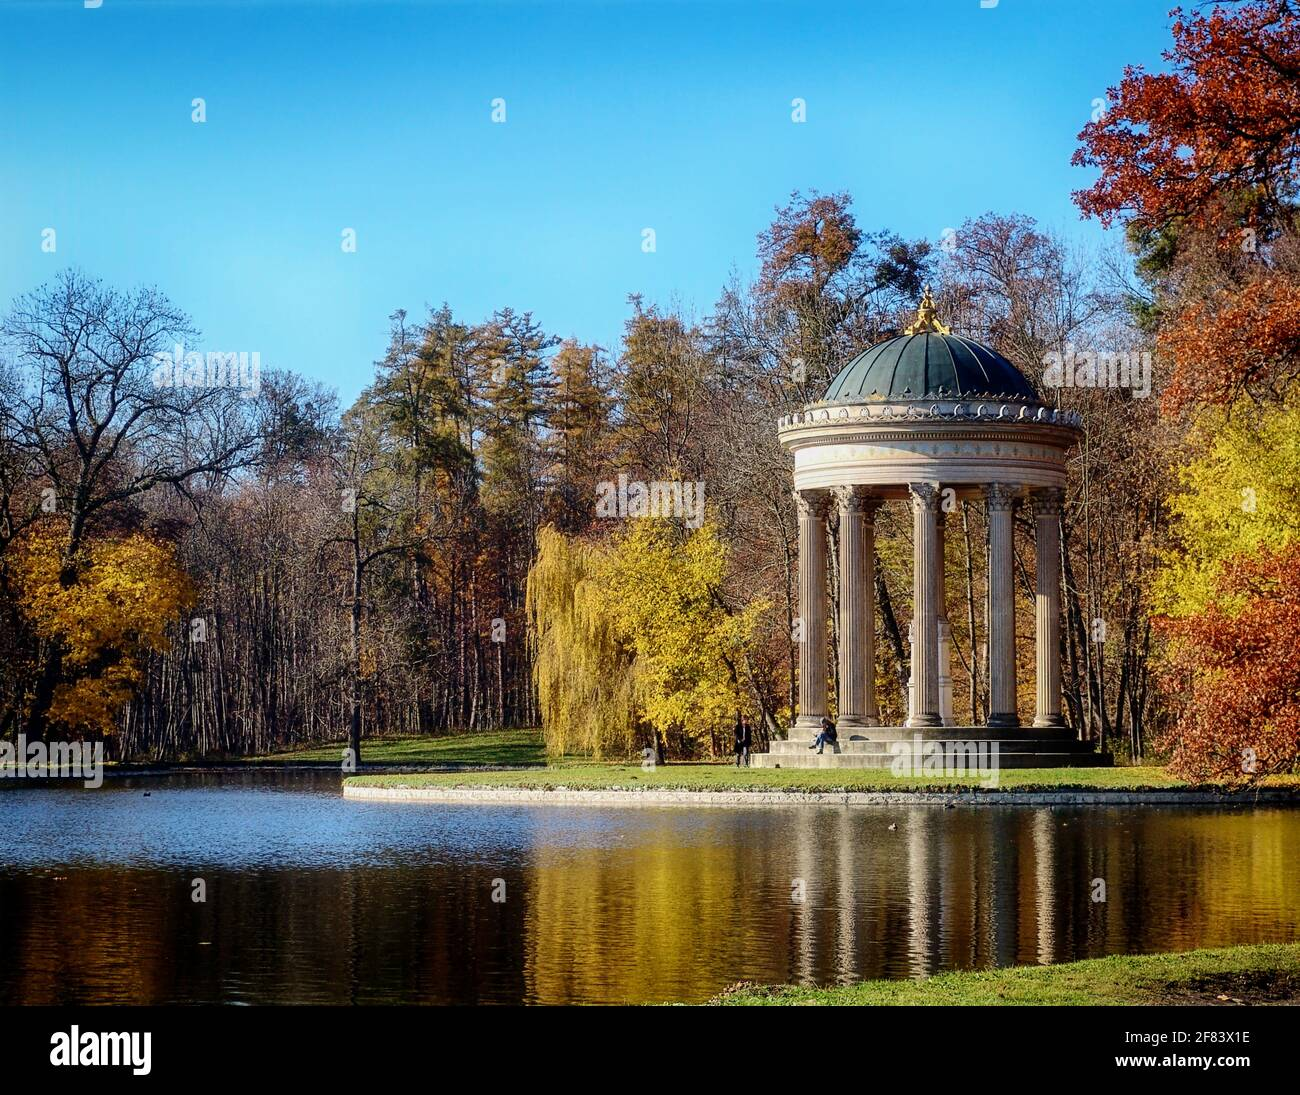 Munich, le parc du château de Nymphenburg résidence des rois bavarois : les monopteros, temple circulaire en marbre d'Apollon en automne, construit au XIXe siècle sur un p Banque D'Images